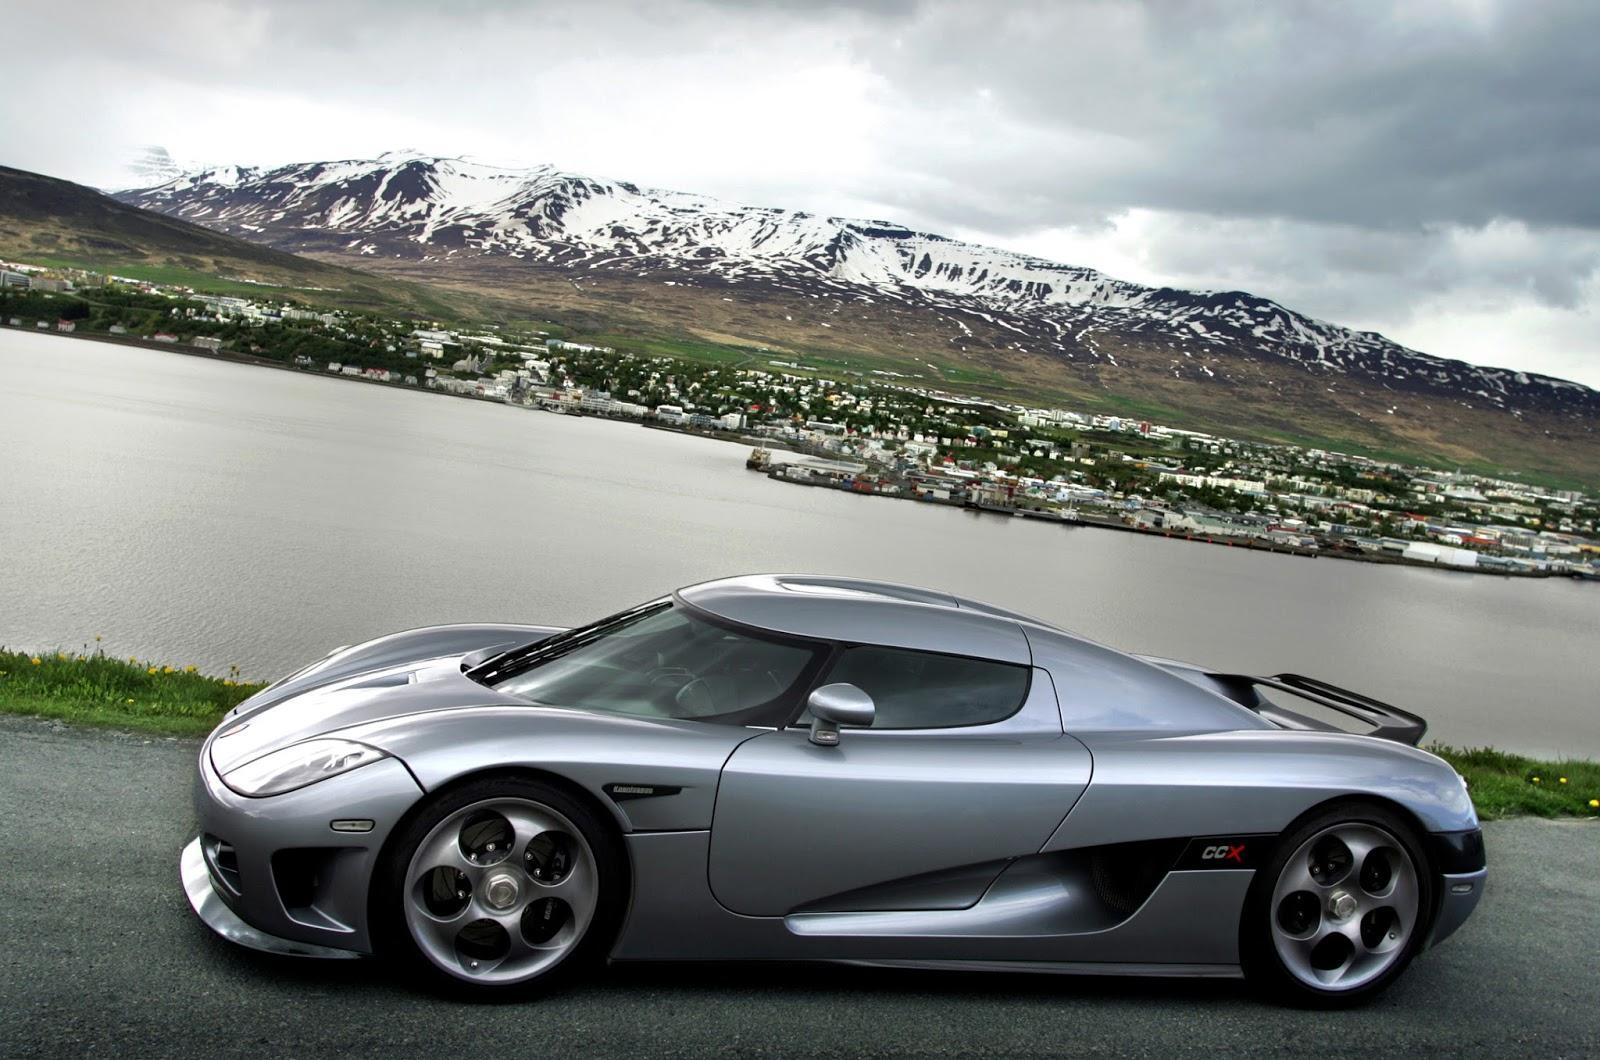 PLASTIMODEL: Koenigsegg CCX O Carro mais caro do Mundo